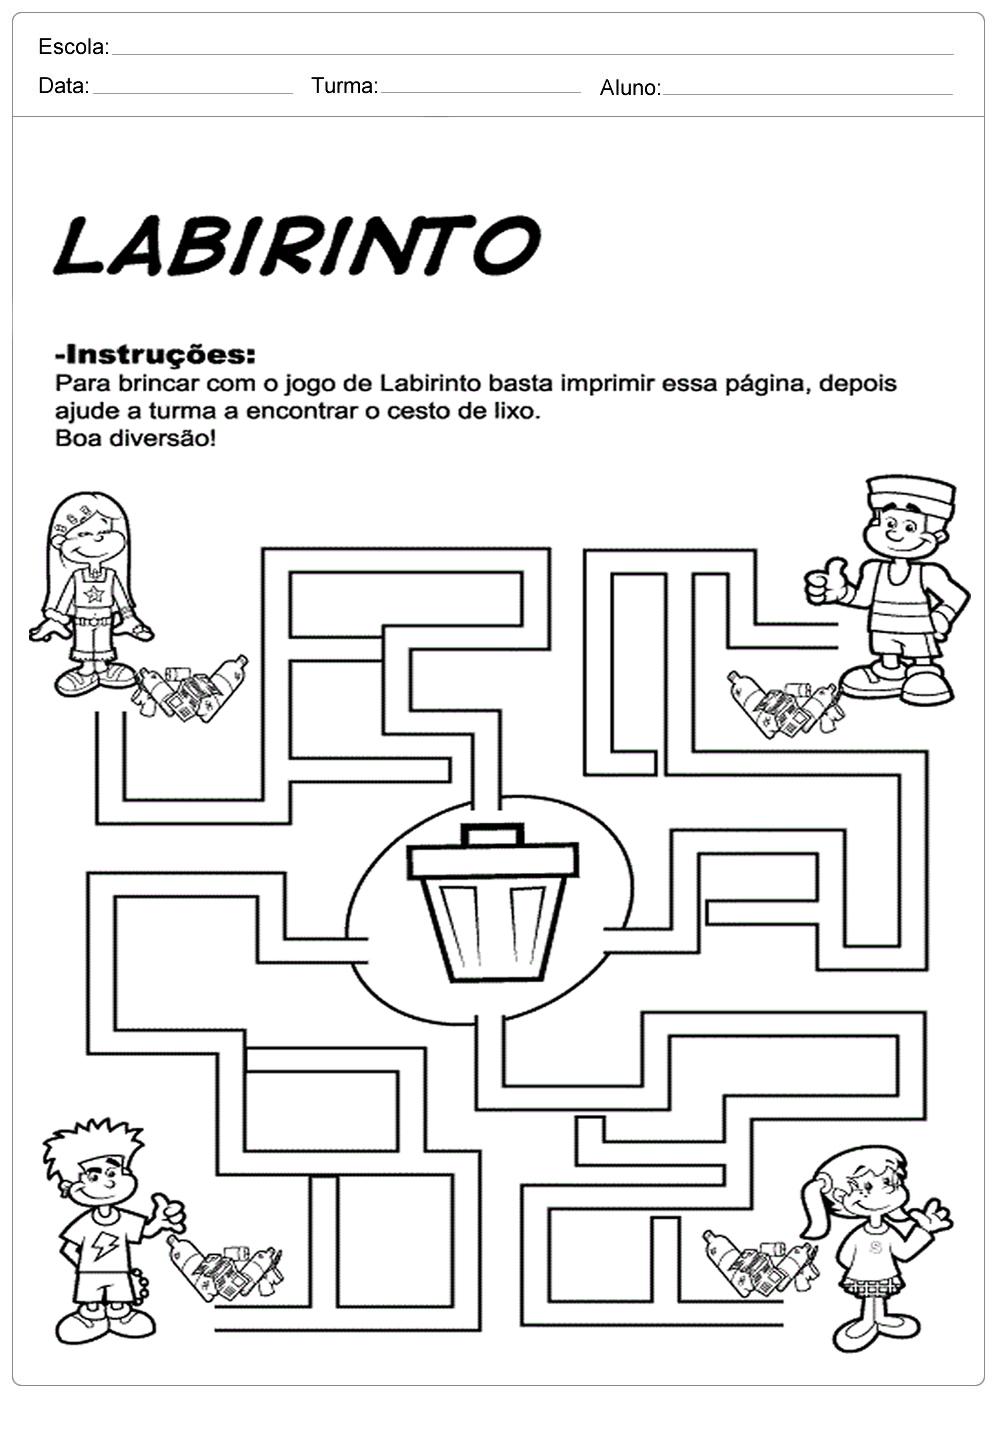 Atividades sobre meio ambiente para educação infantil – Labirinto